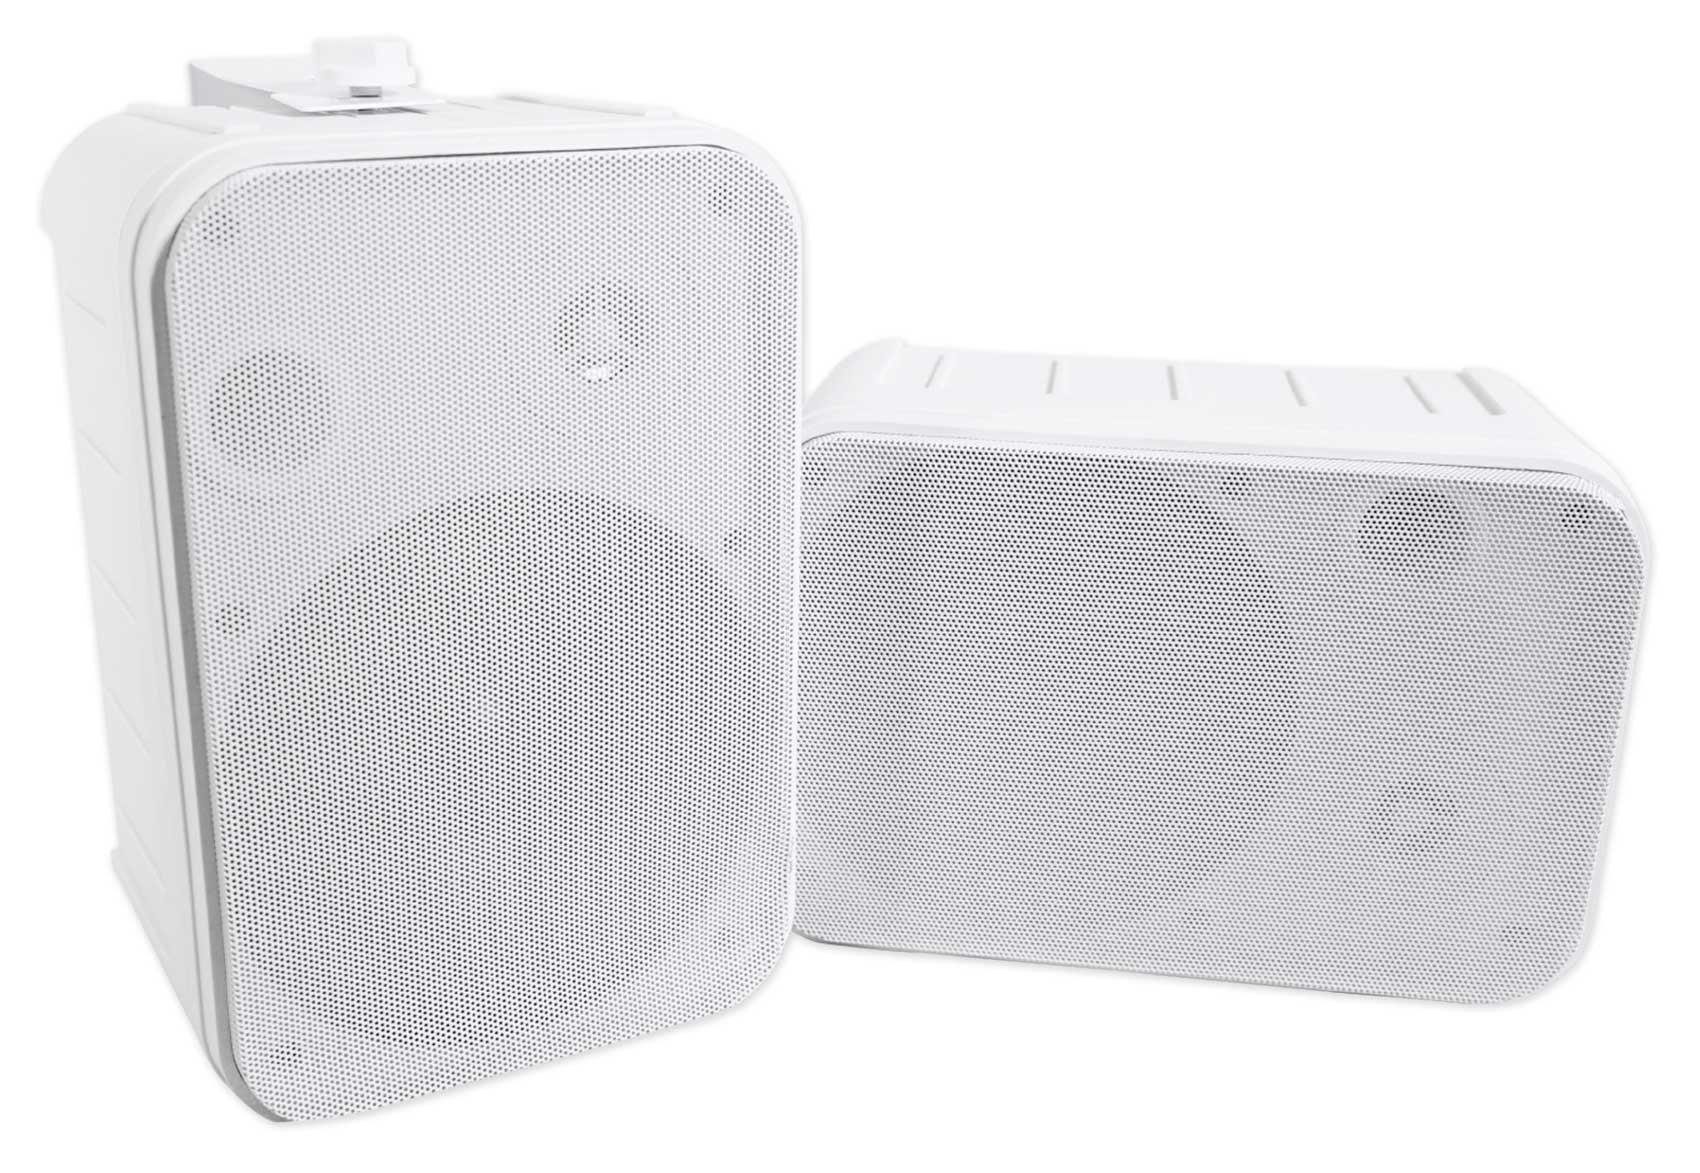 Pair Rockville HP65S 6.5'' Outdoor/Indoor Home Theater Speakers w/Swivel Bracket by Rockville